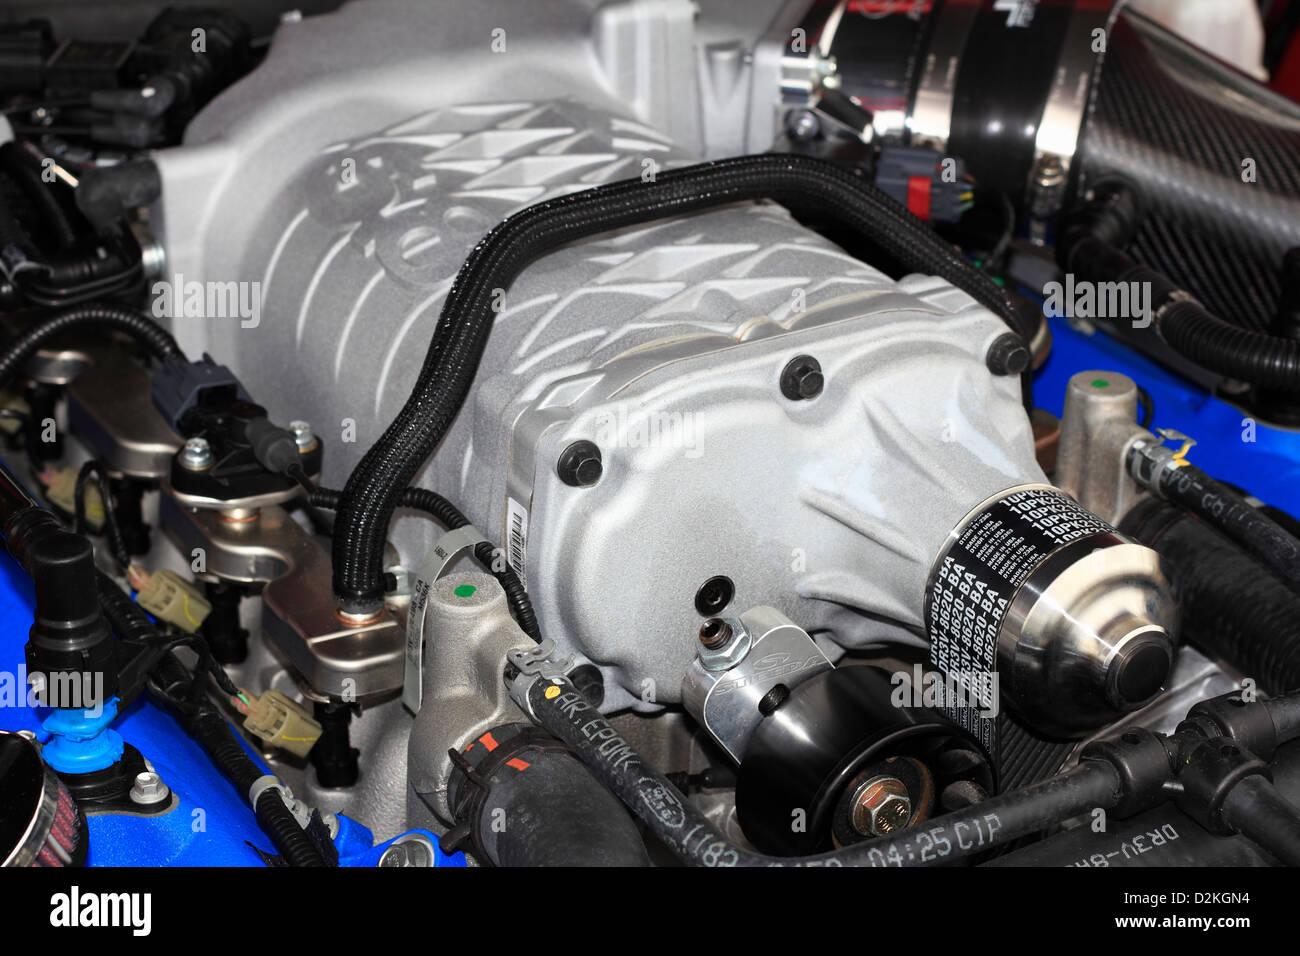 Erfreut Auto Motor Komponenten Bilder - Elektrische Schaltplan-Ideen ...